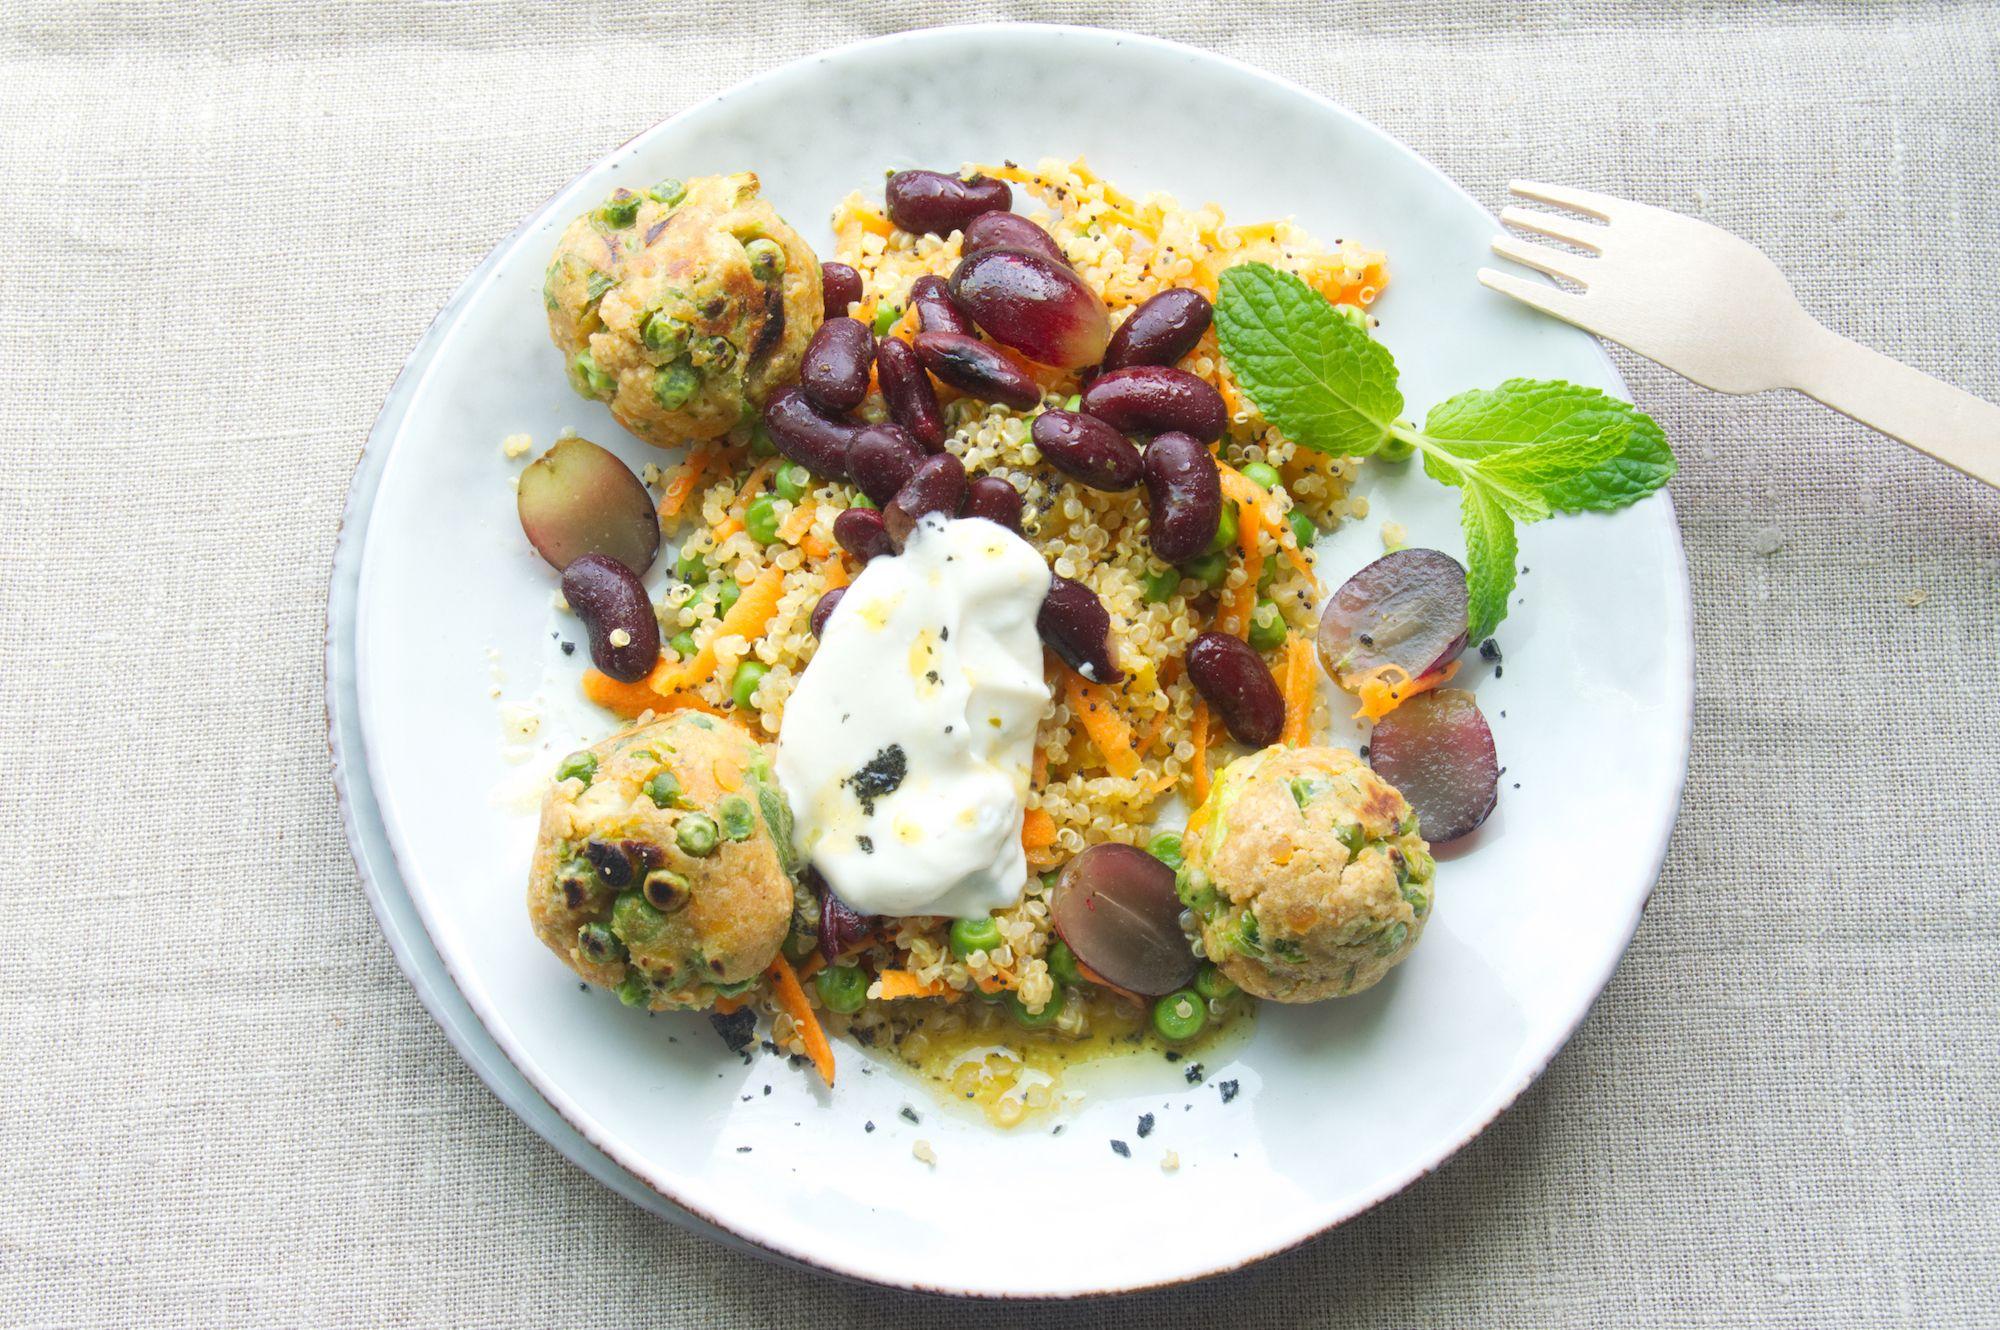 Bohnen salat diat